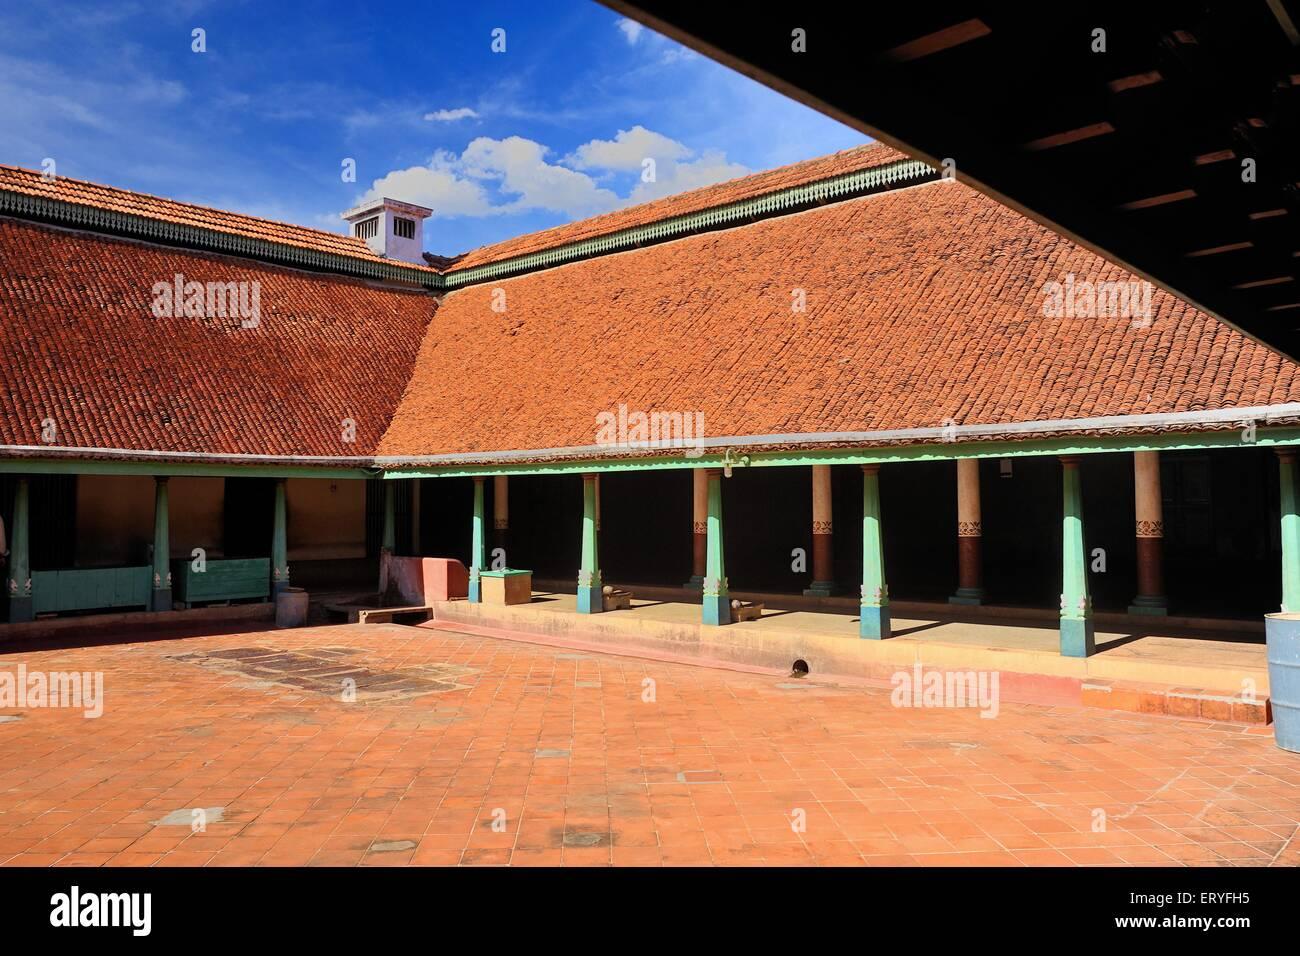 old-house-at-chettinad-near-karaikudi-tamil-nadu-india-ERYFH5.jpg